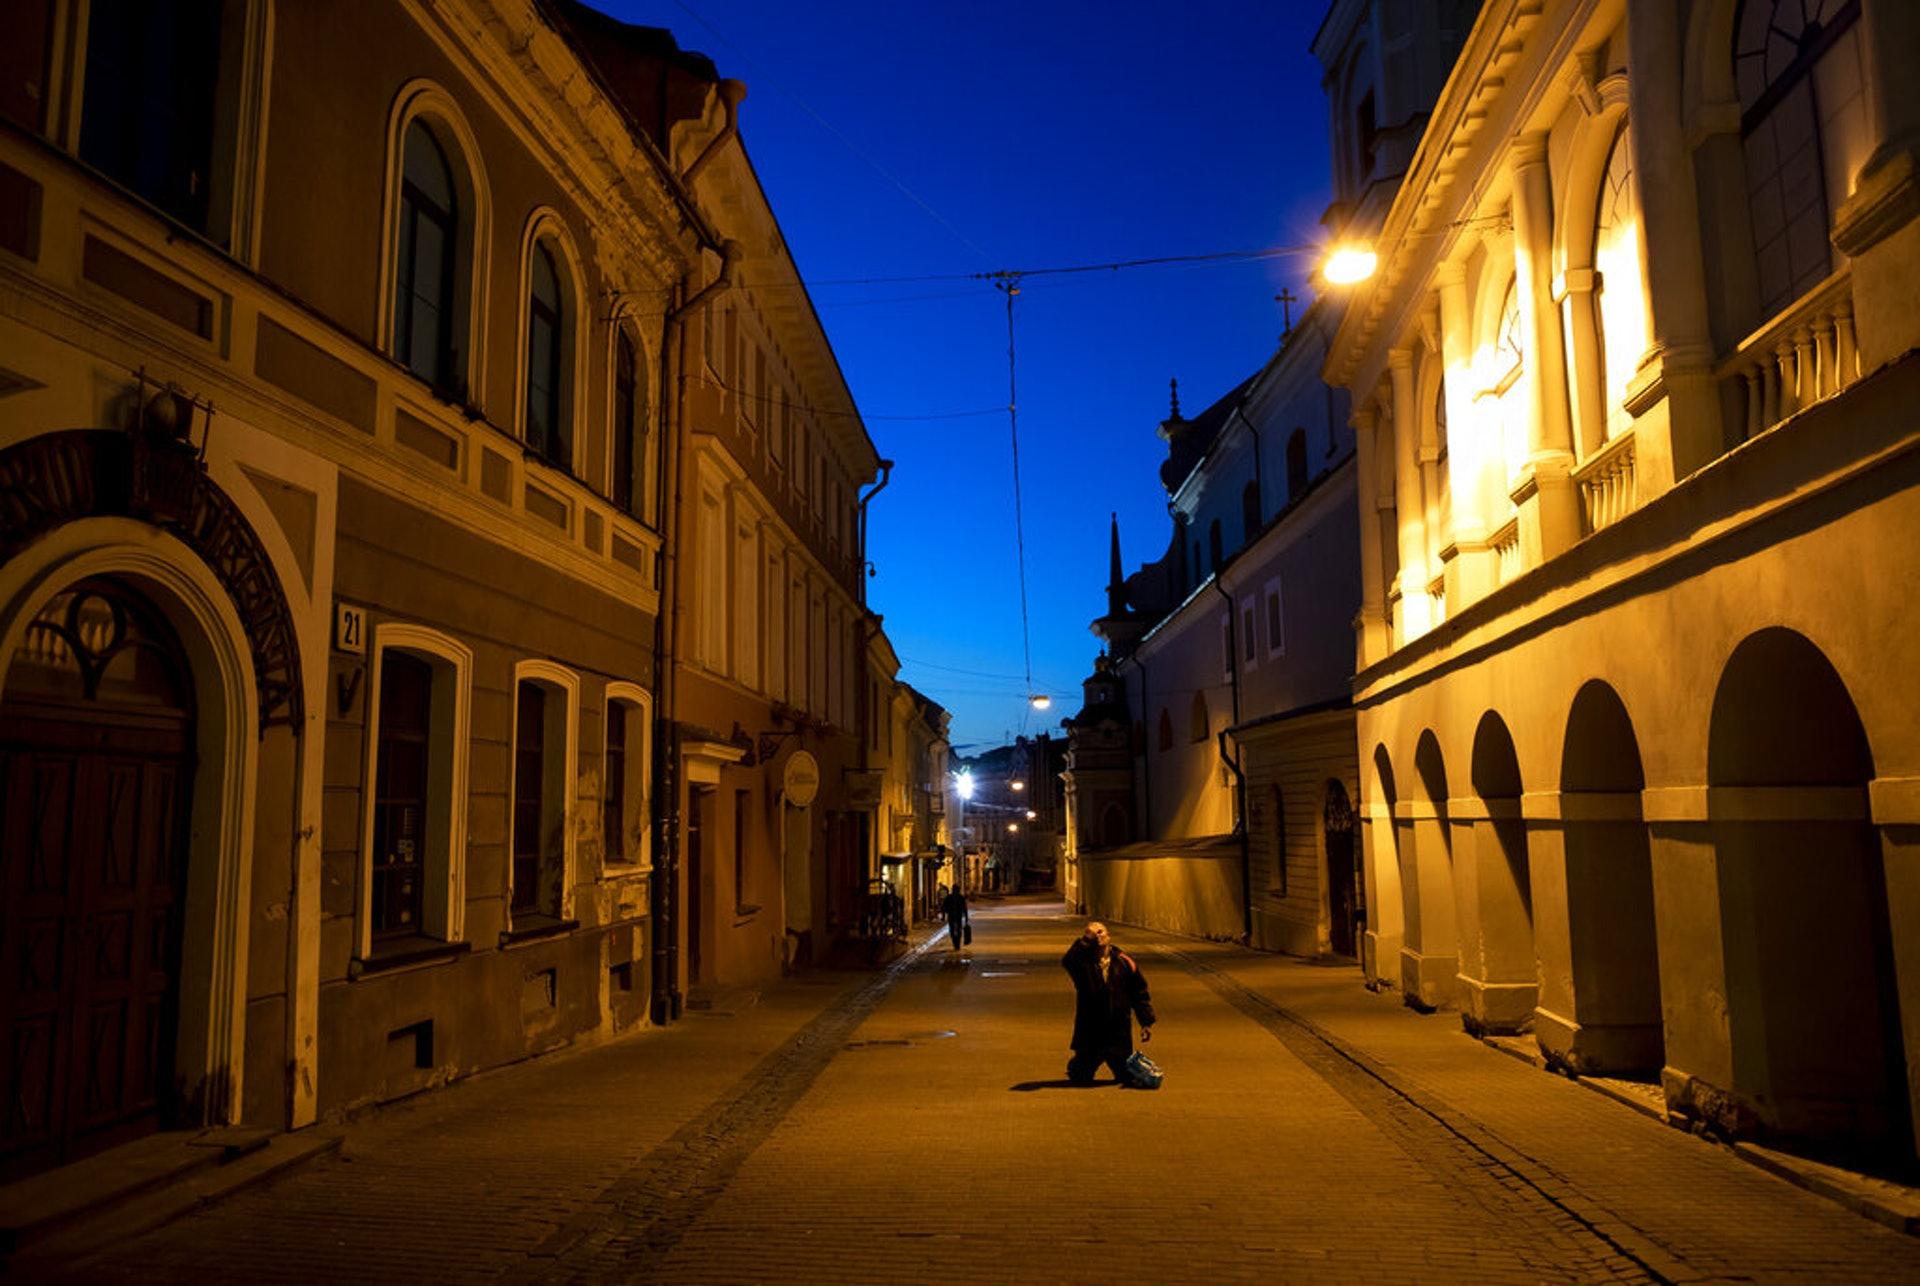 立陶宛新冠肺炎疫情:圖為4月11日,一名信徒在維爾紐斯一間教堂附近的街道祈禱。(AP)